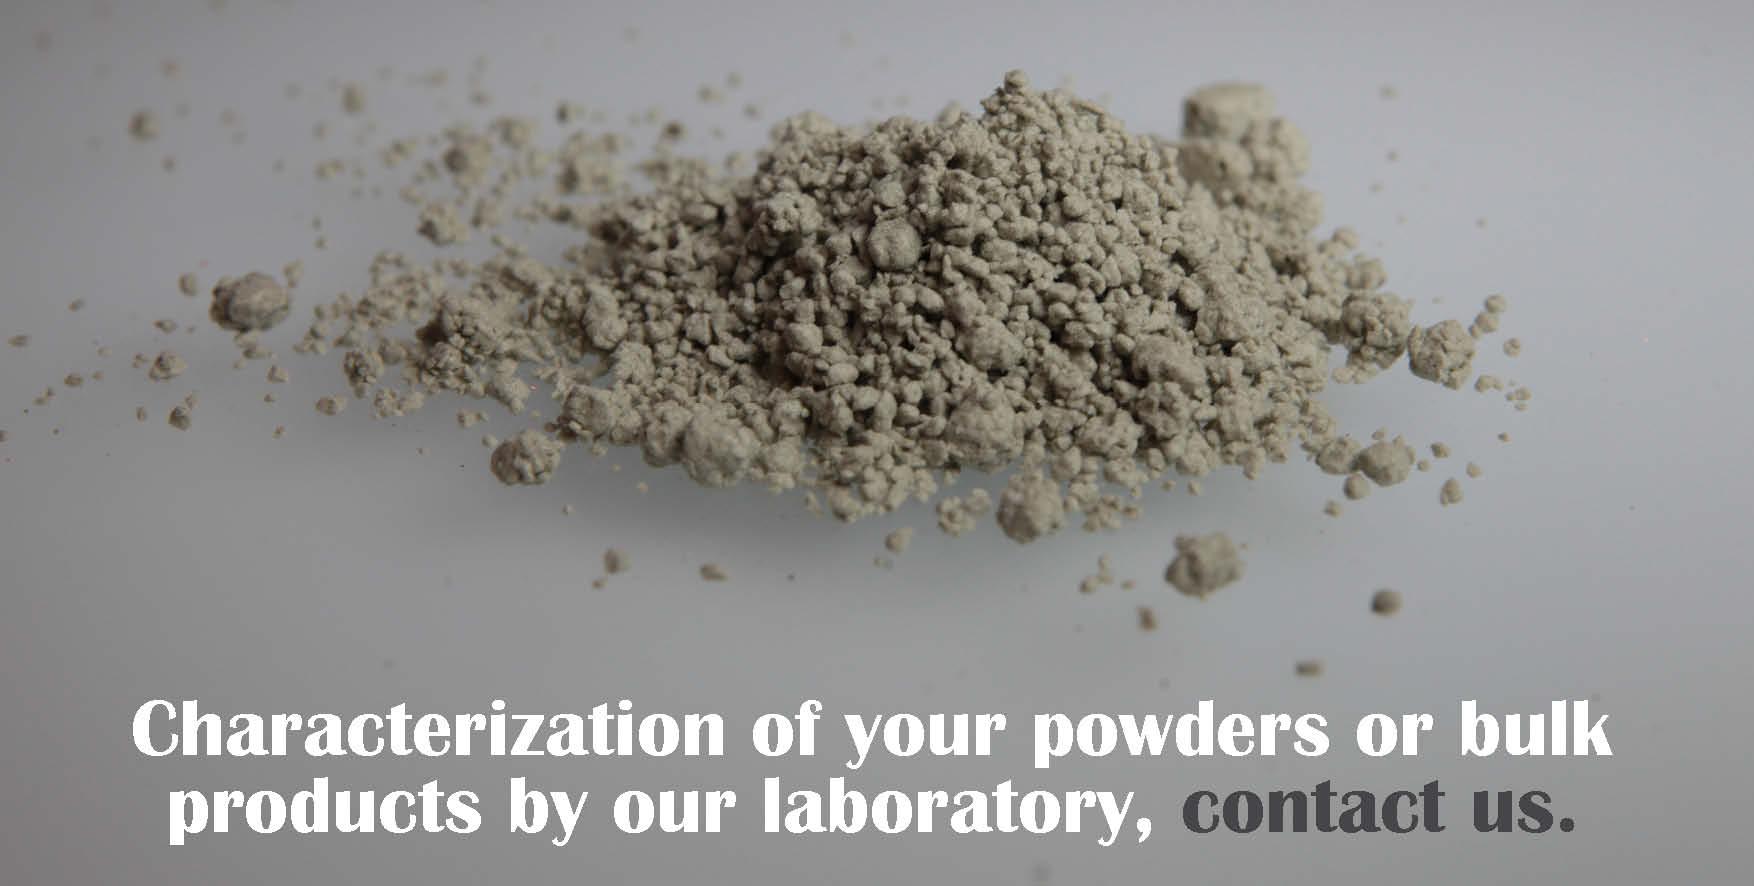 characterization powders bulk products by laboratory kst emi palamatic